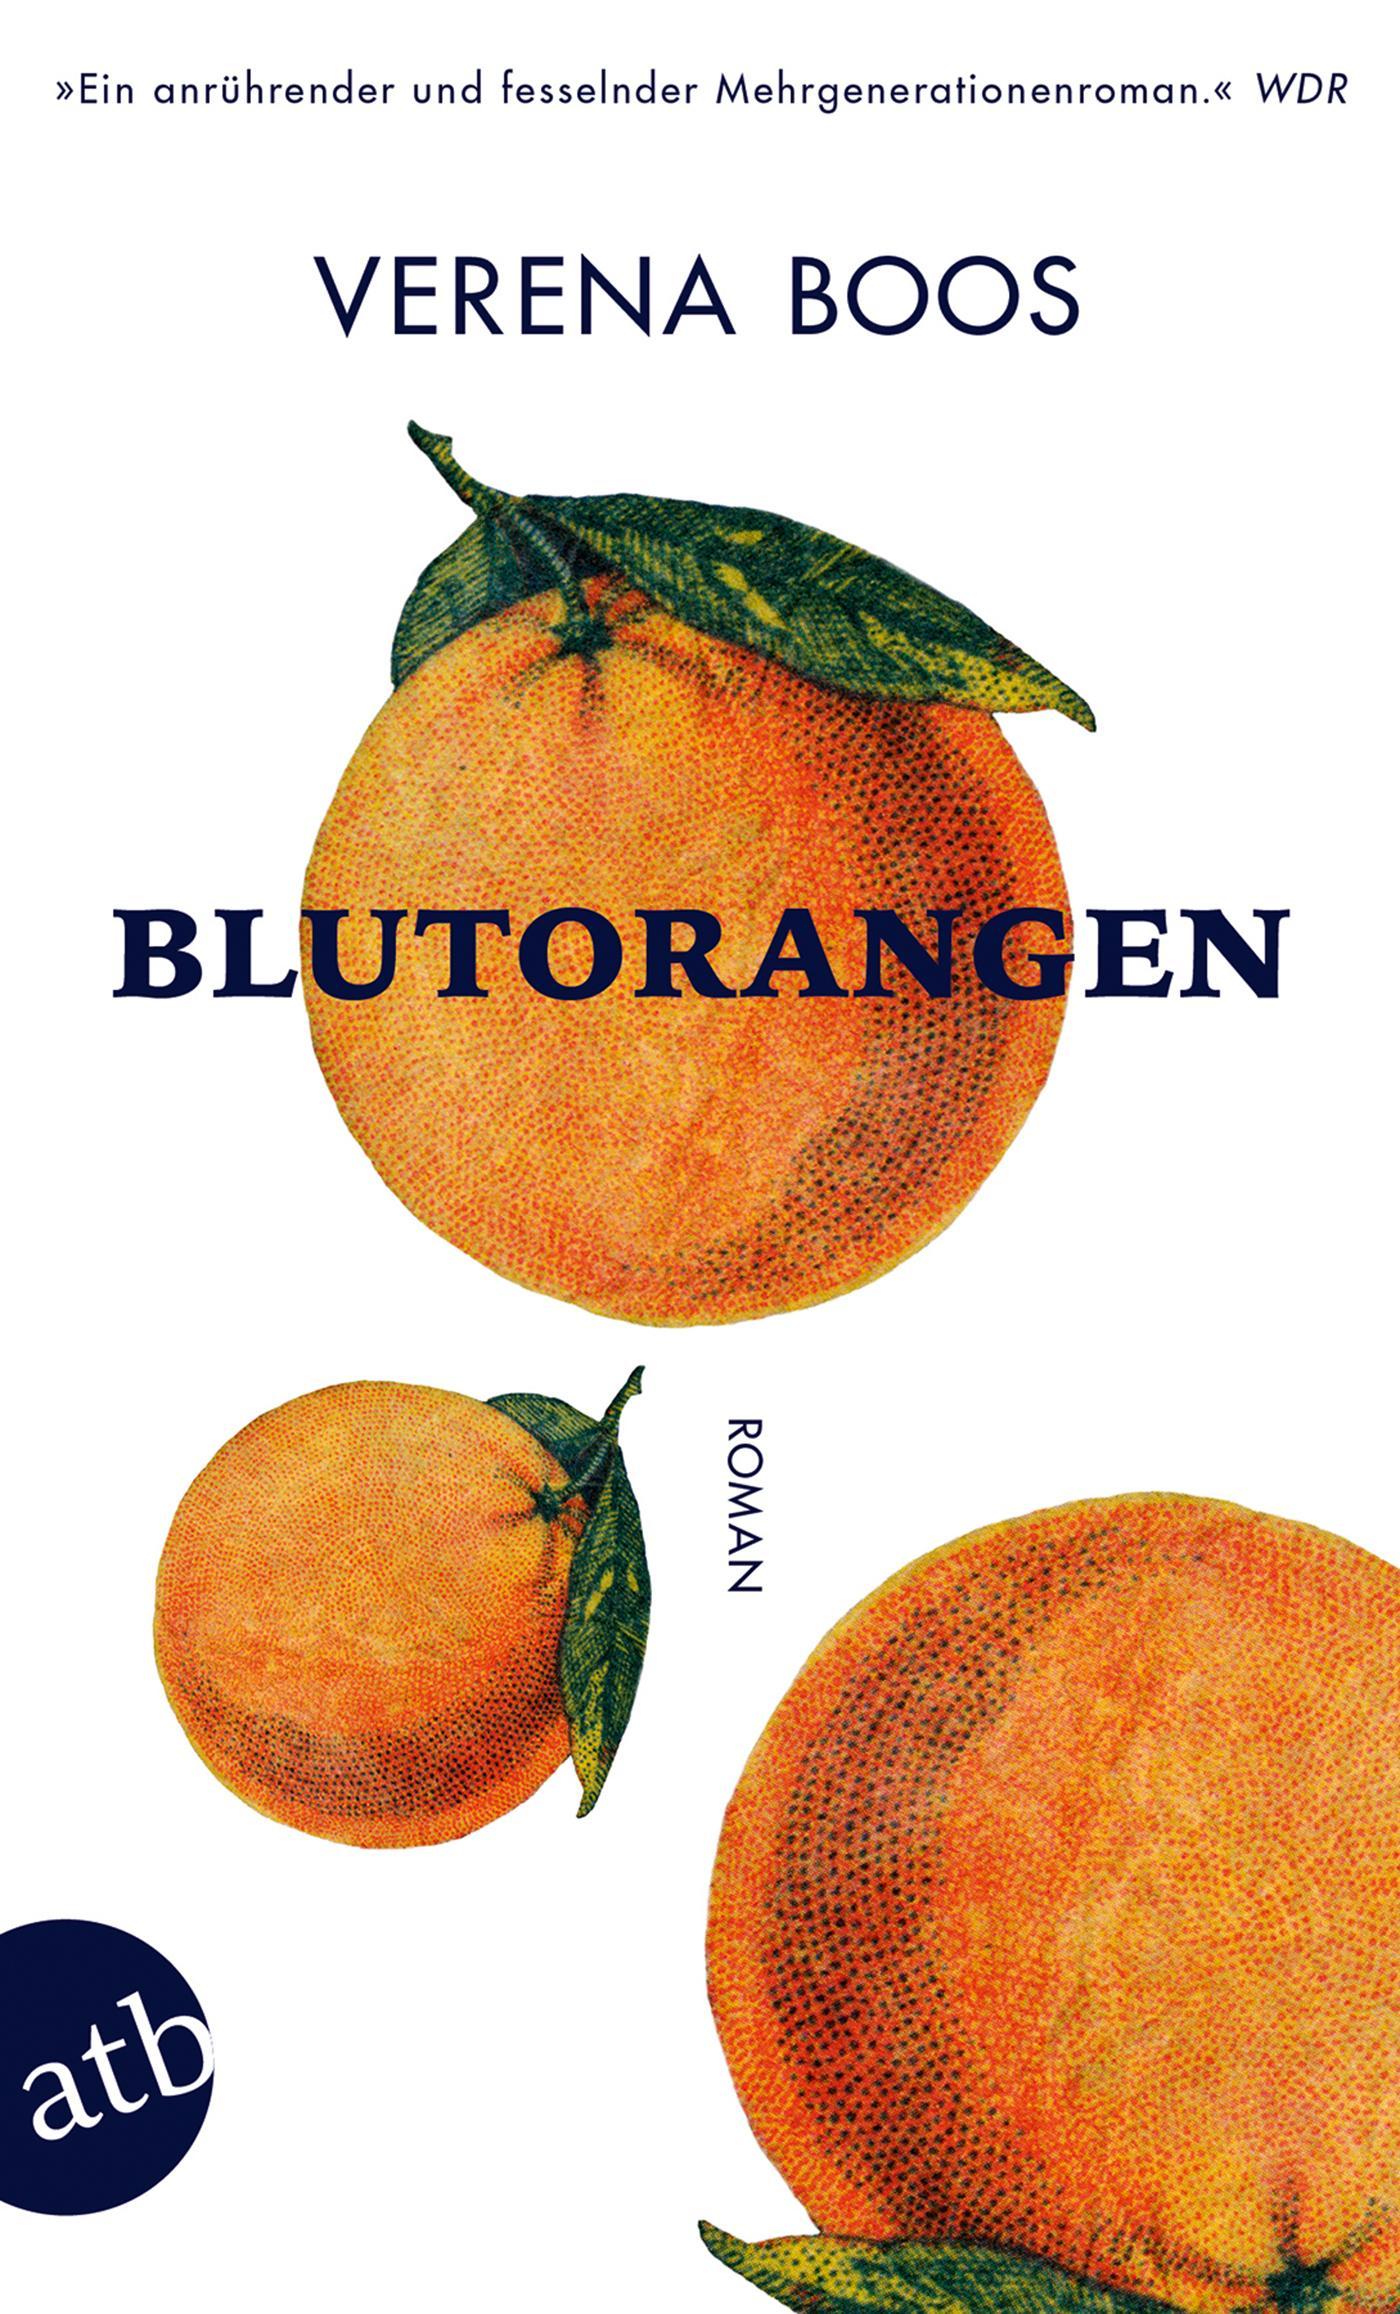 Verena-Boos-Blutorangen-9783746632506